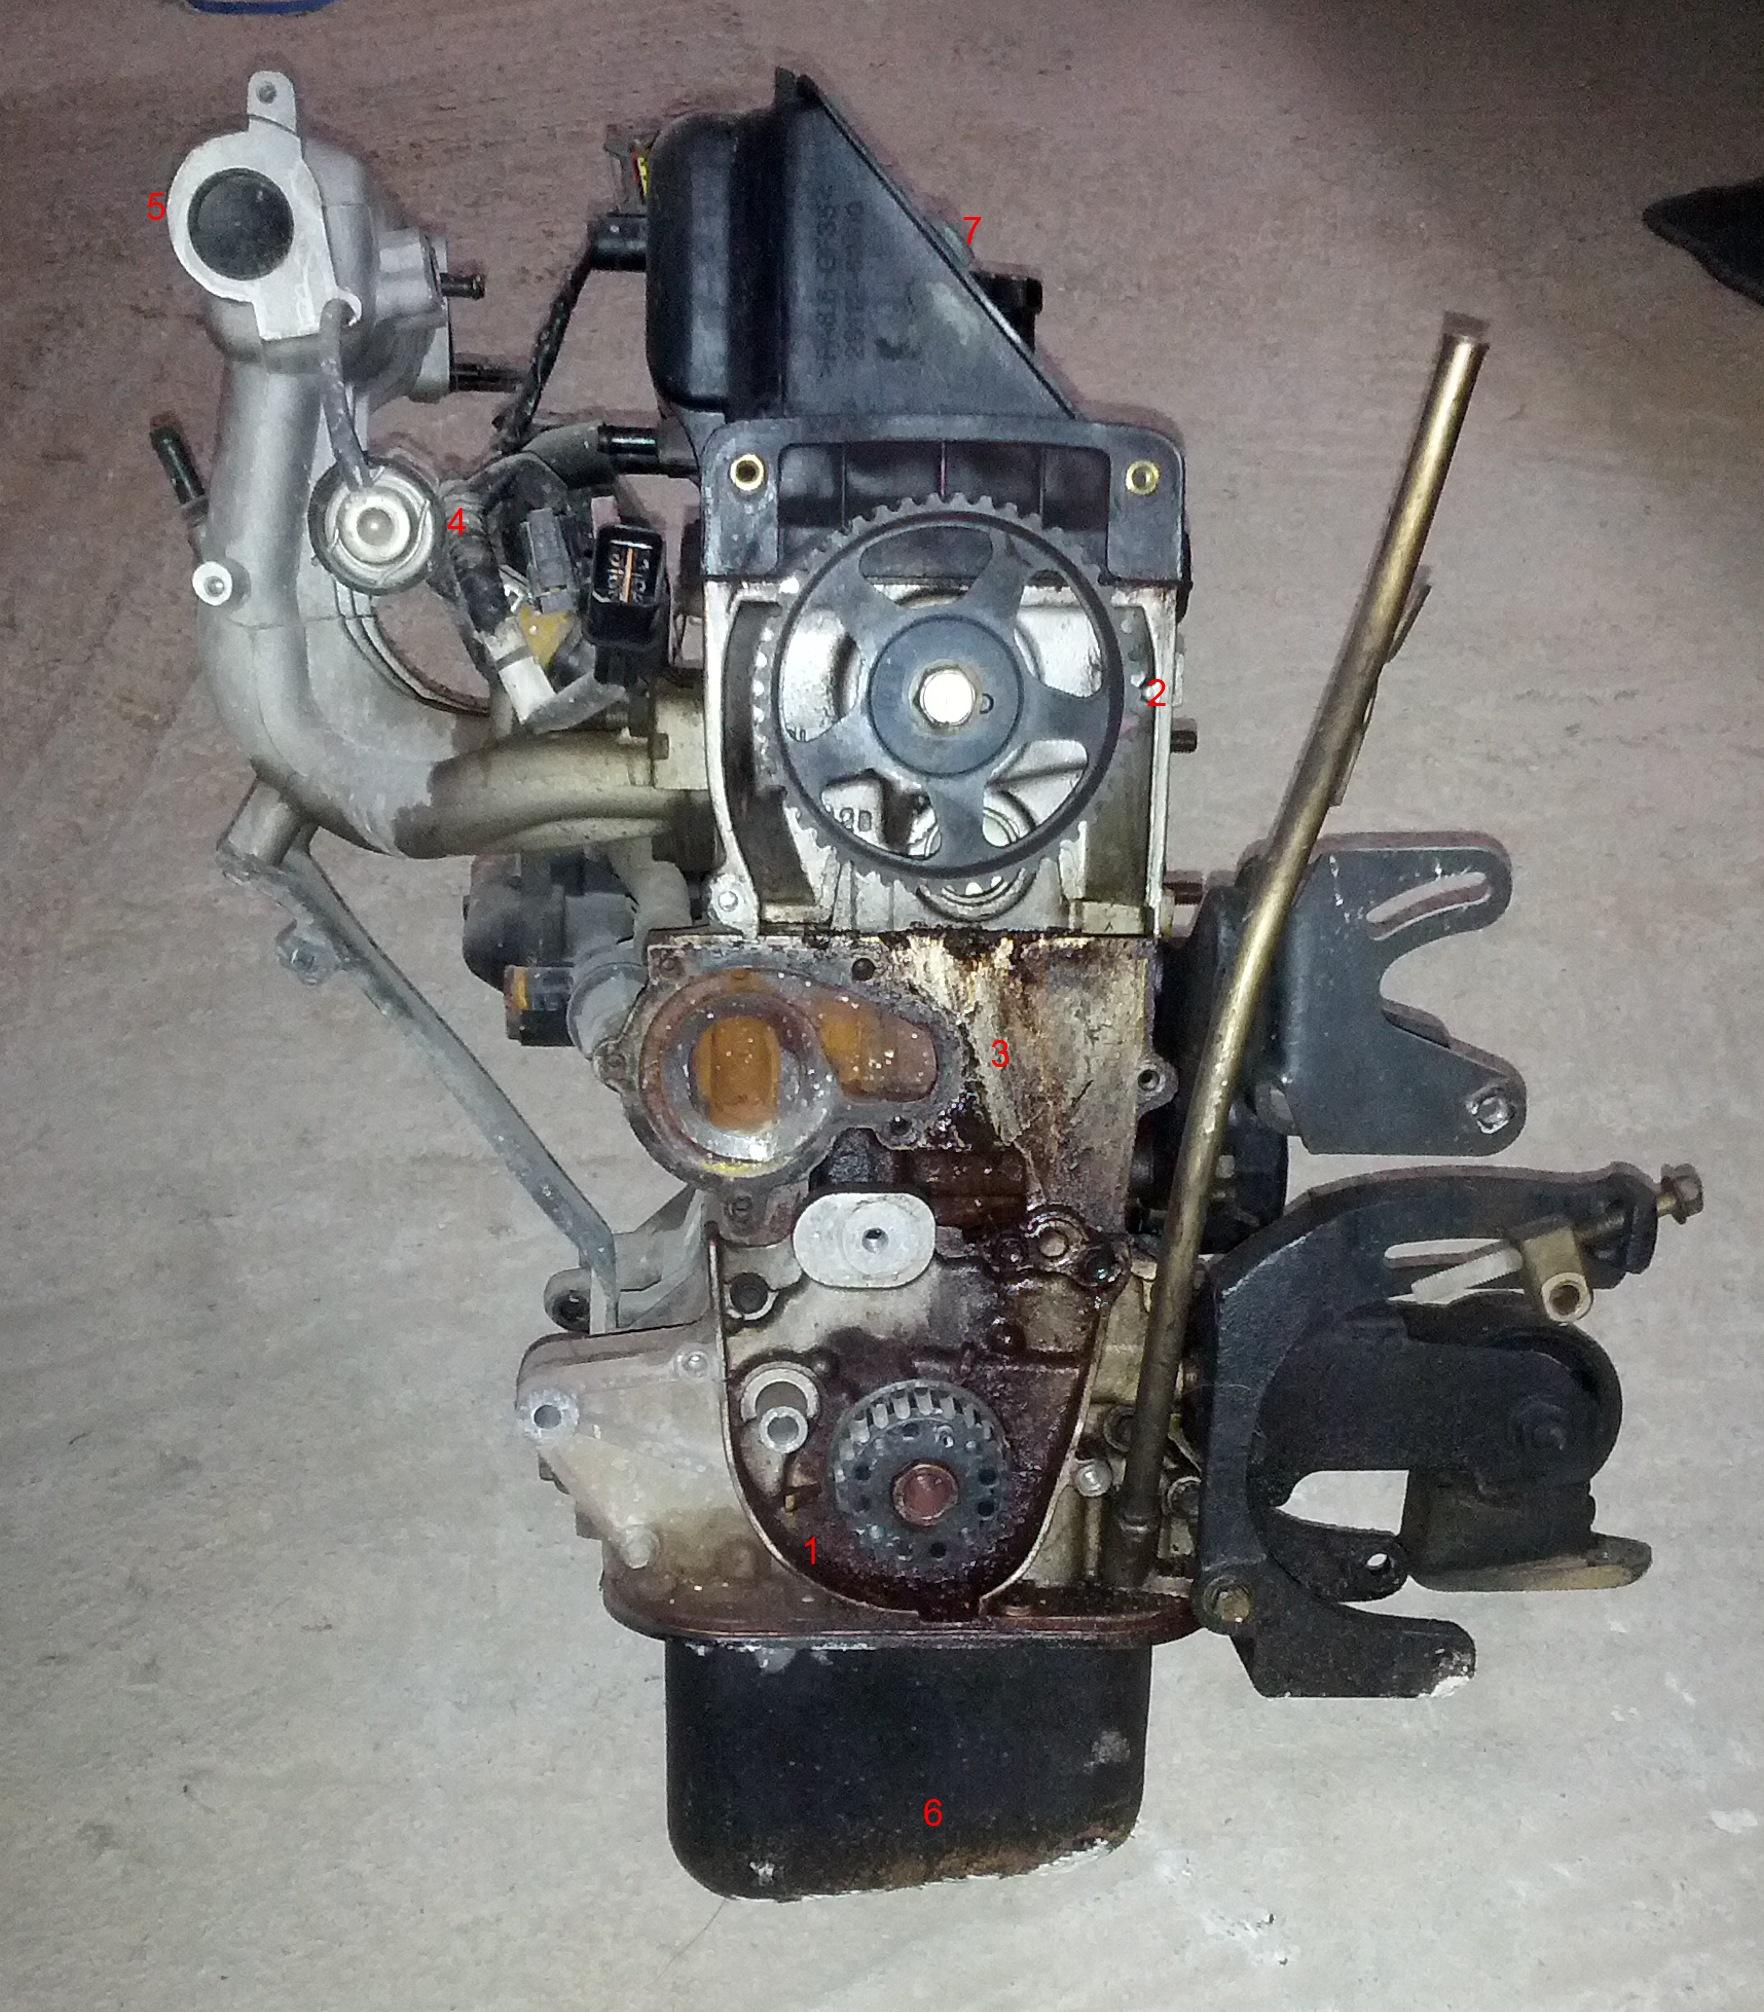 hight resolution of hyundai atos engine teardown part 1 fubar gr hyundai atos engine diagram engine left side